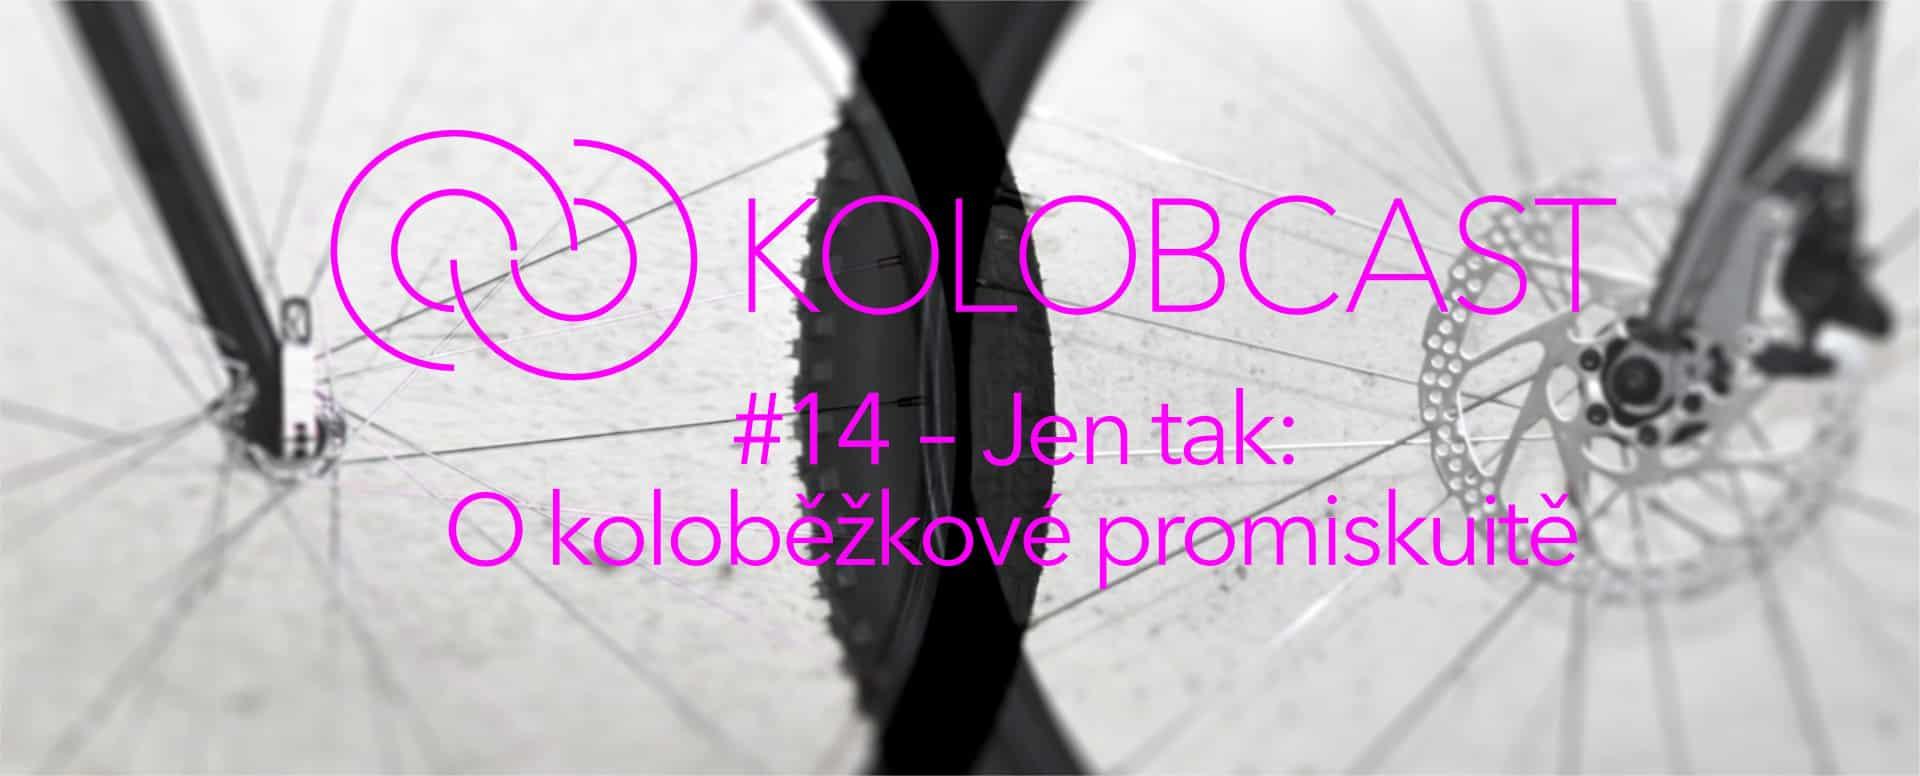 Kolobcast #14 – Jen tak: O koloběžkové promiskuitě